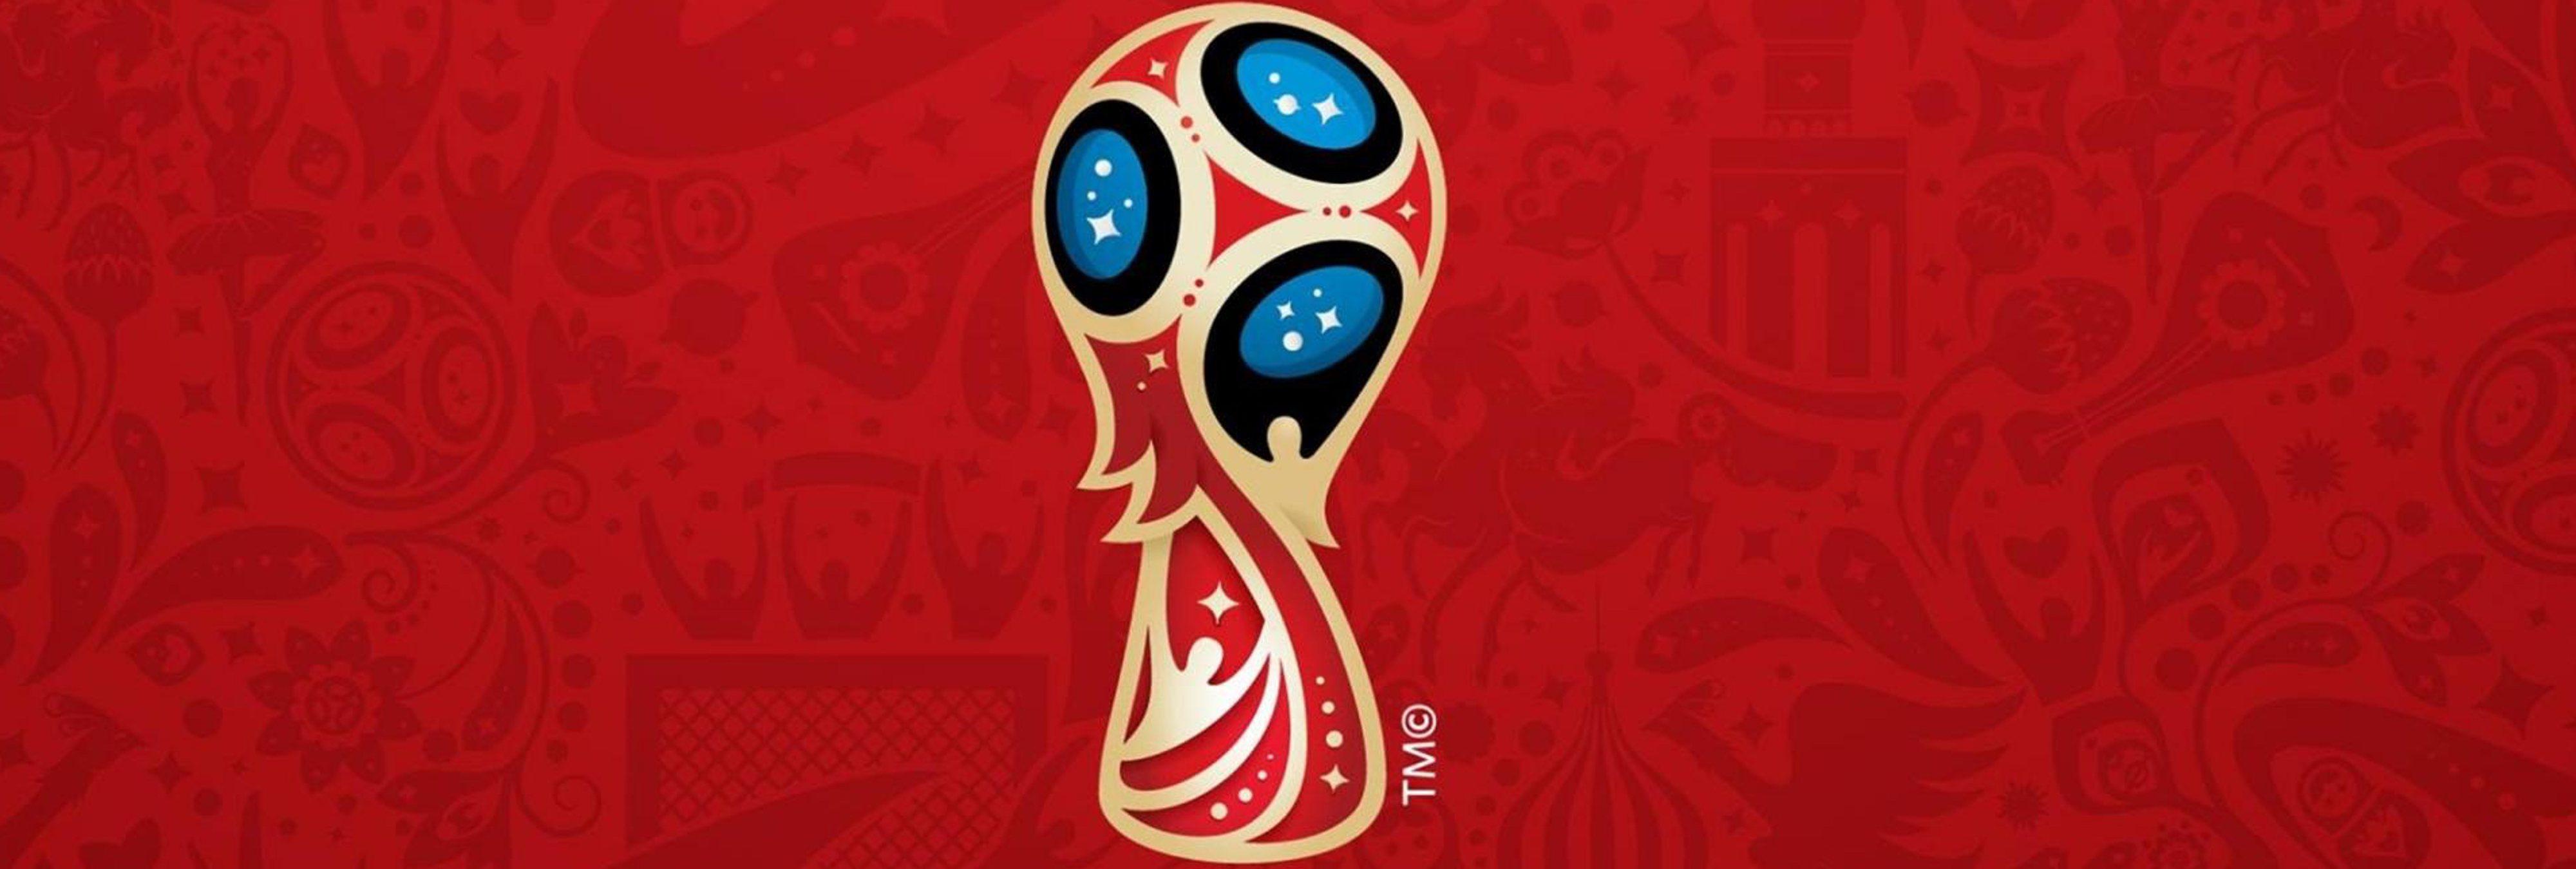 """Amenazan con """"perseguir y apuñalar"""" a los LGTB que acudan al Mundial de Rusia"""